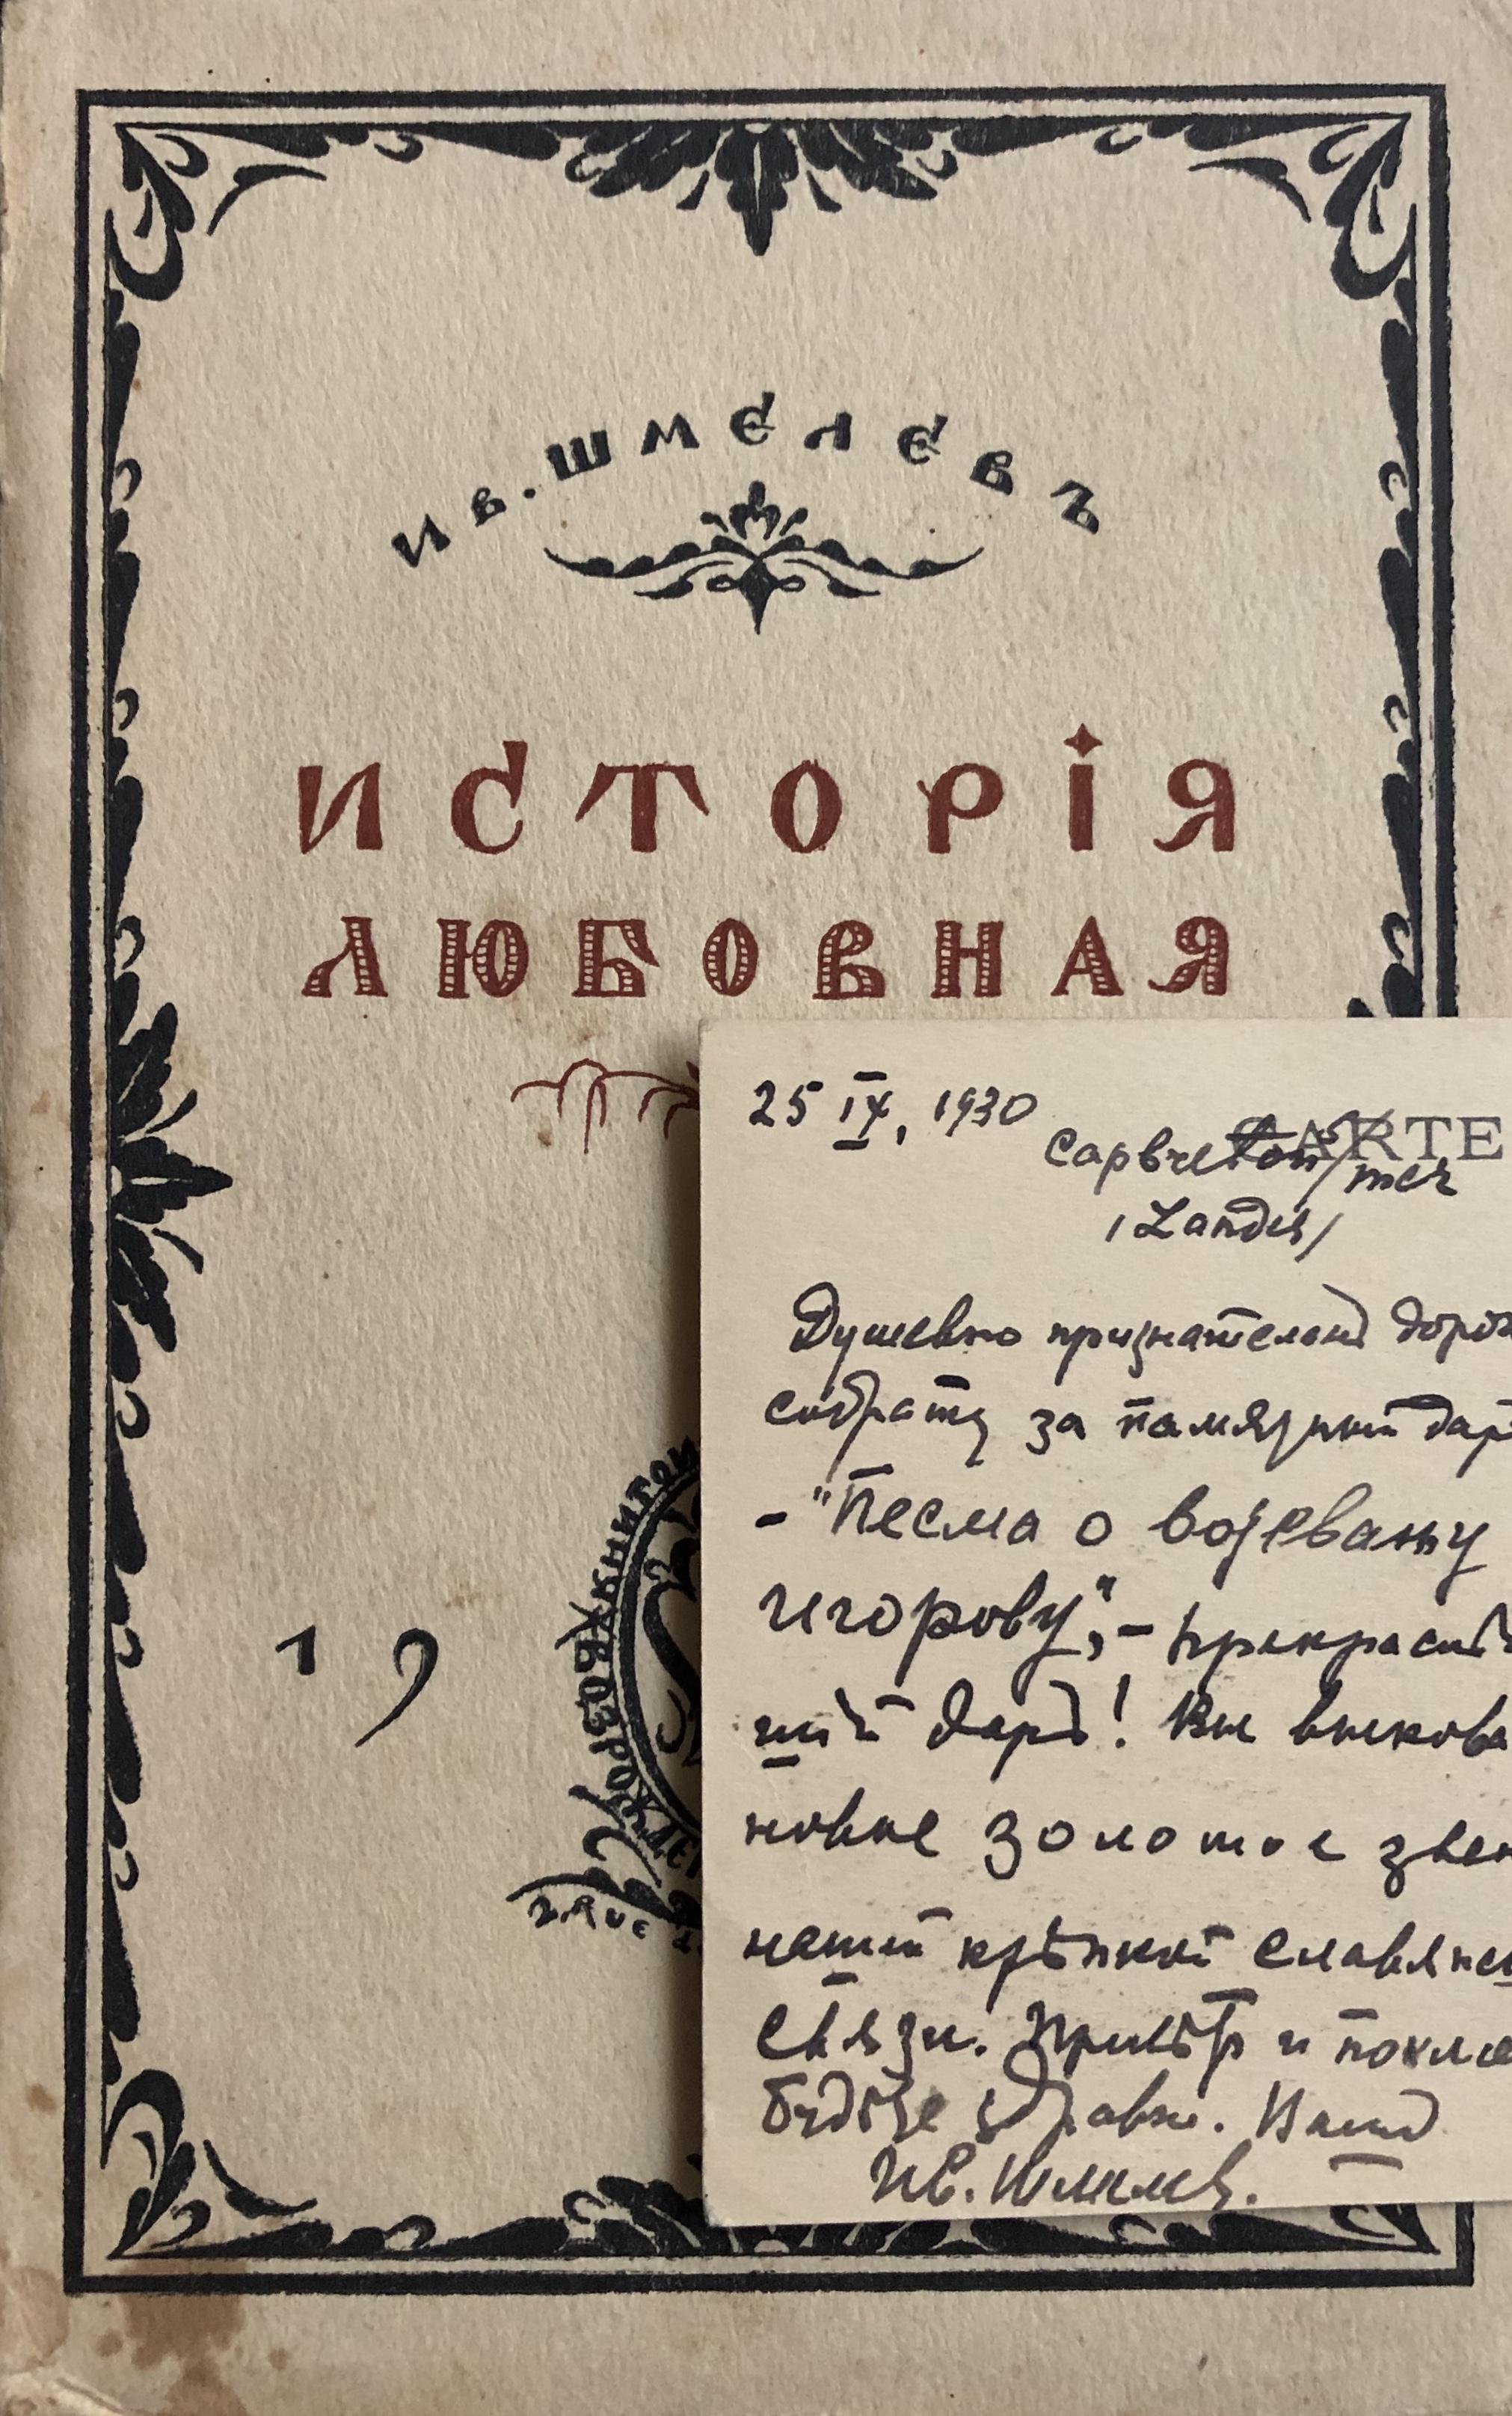 Lot 438 - {ШМЕЛЕВ БЛАГОДАРИТ ЗА ДАРЪ — ПОСЛАННЫЙ [...]